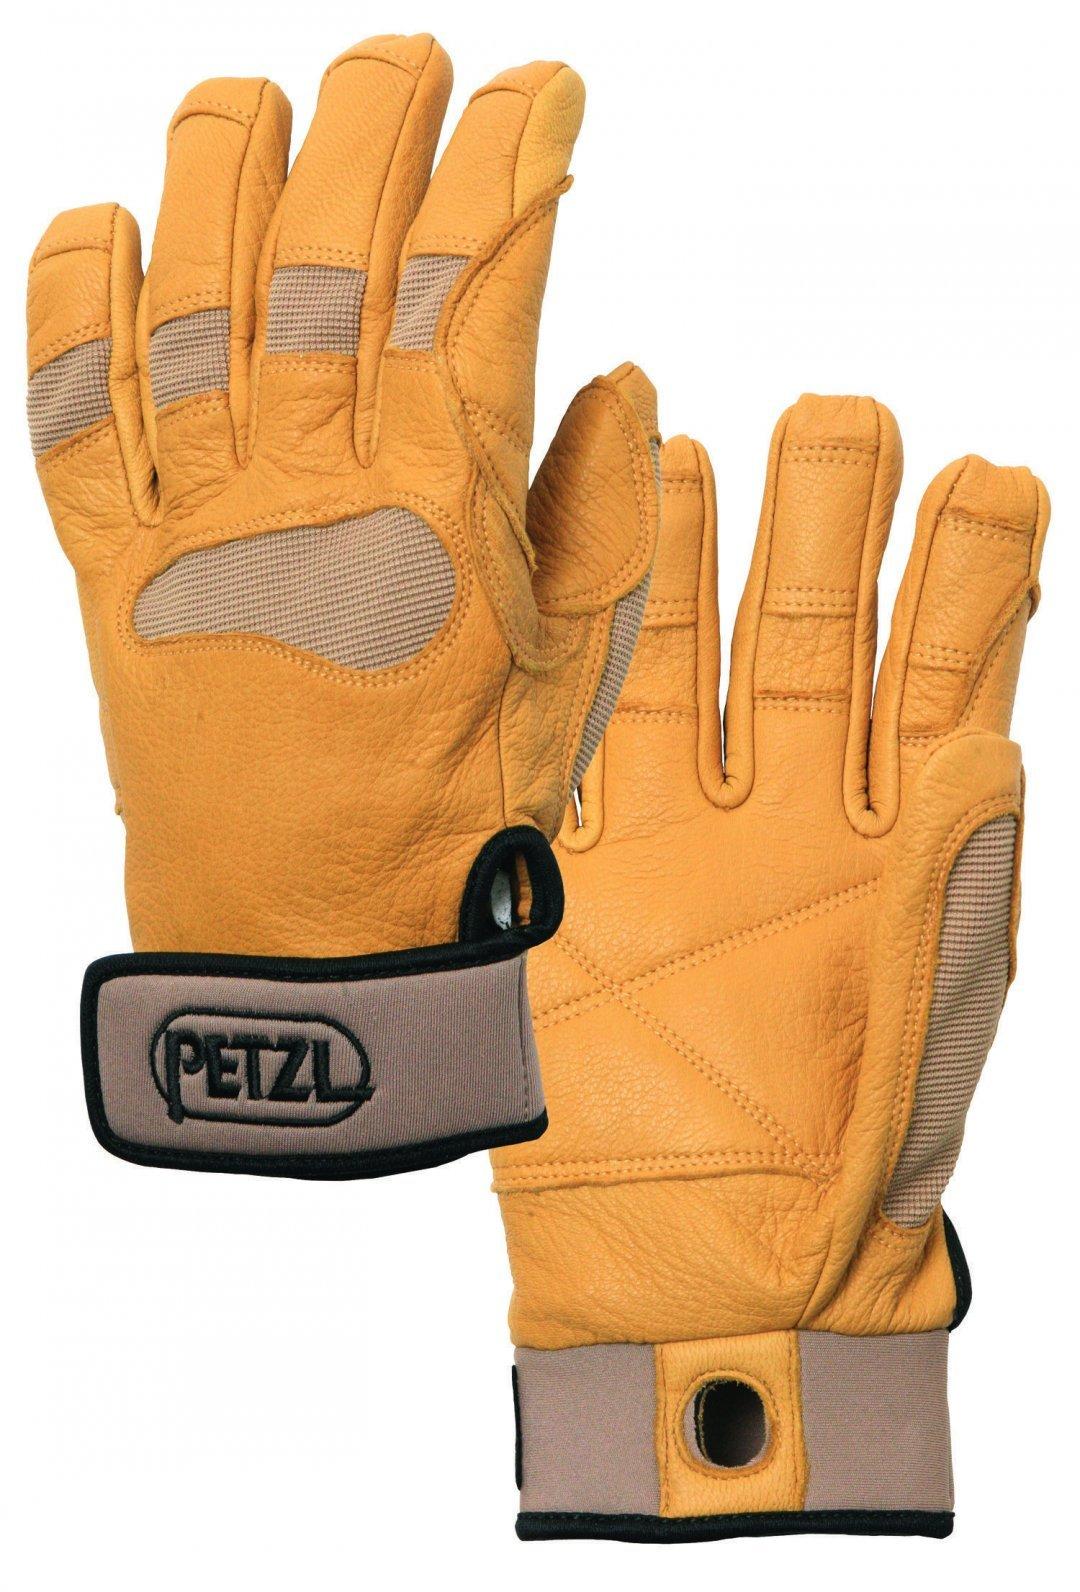 Petzl belay/Rappel gloves